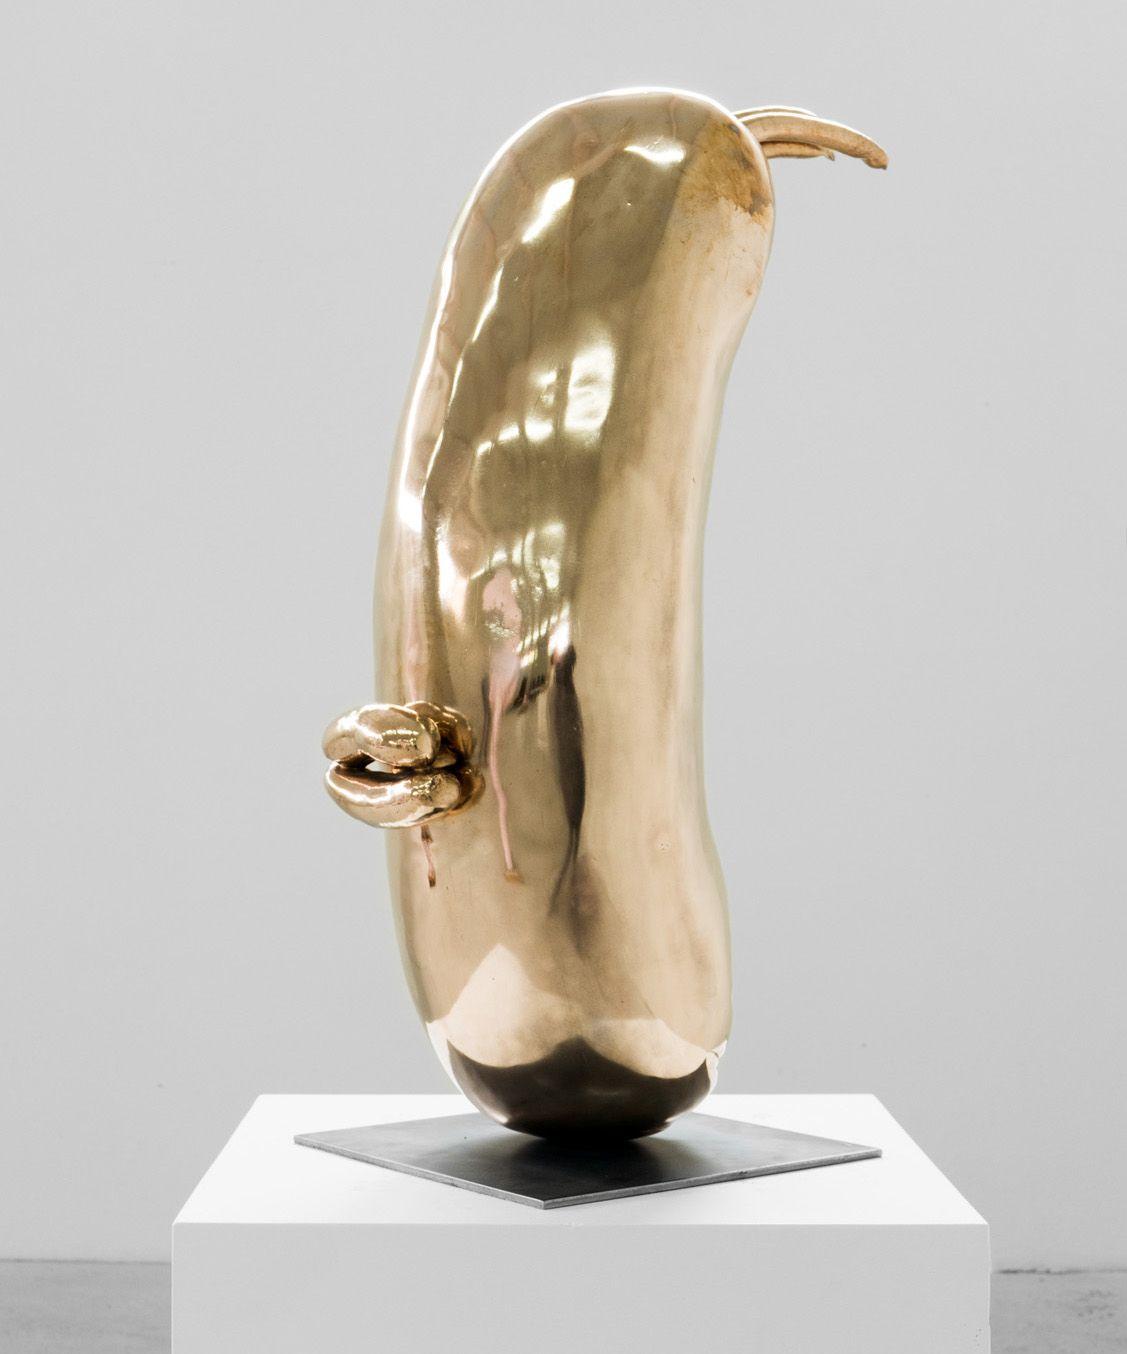 ERWIN WURM, Head (Lips), 2014